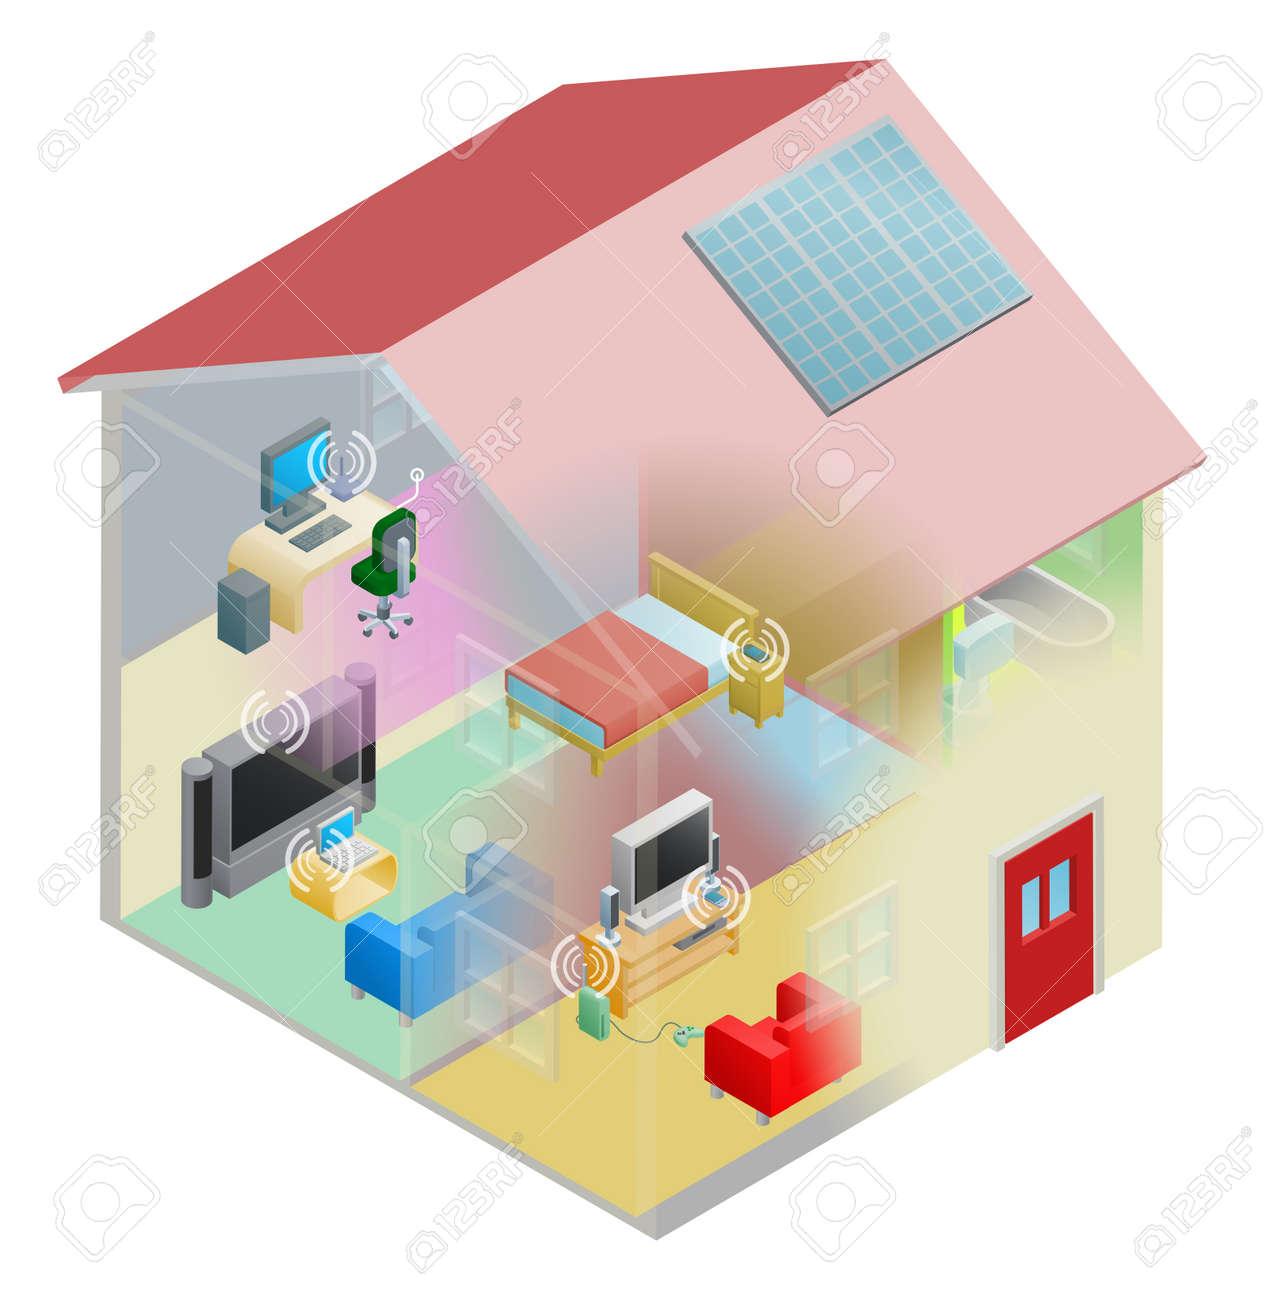 Ein Heim-Netzwerk Mit Wireless-Internet-und EDV-Geräte In Einer ...